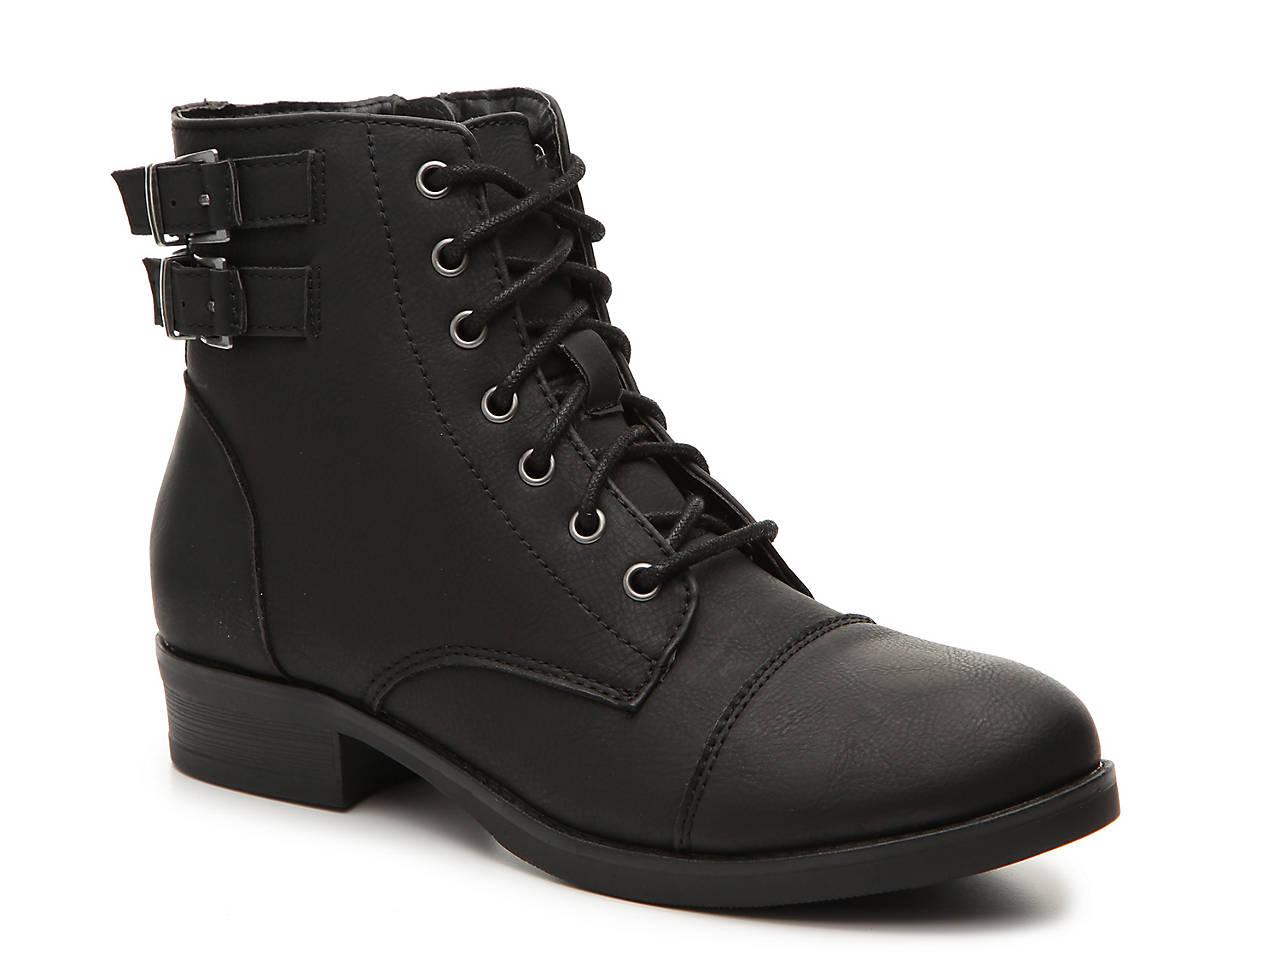 b82269b00 Madden Girl Flint Combat Boot Women's Shoes | DSW